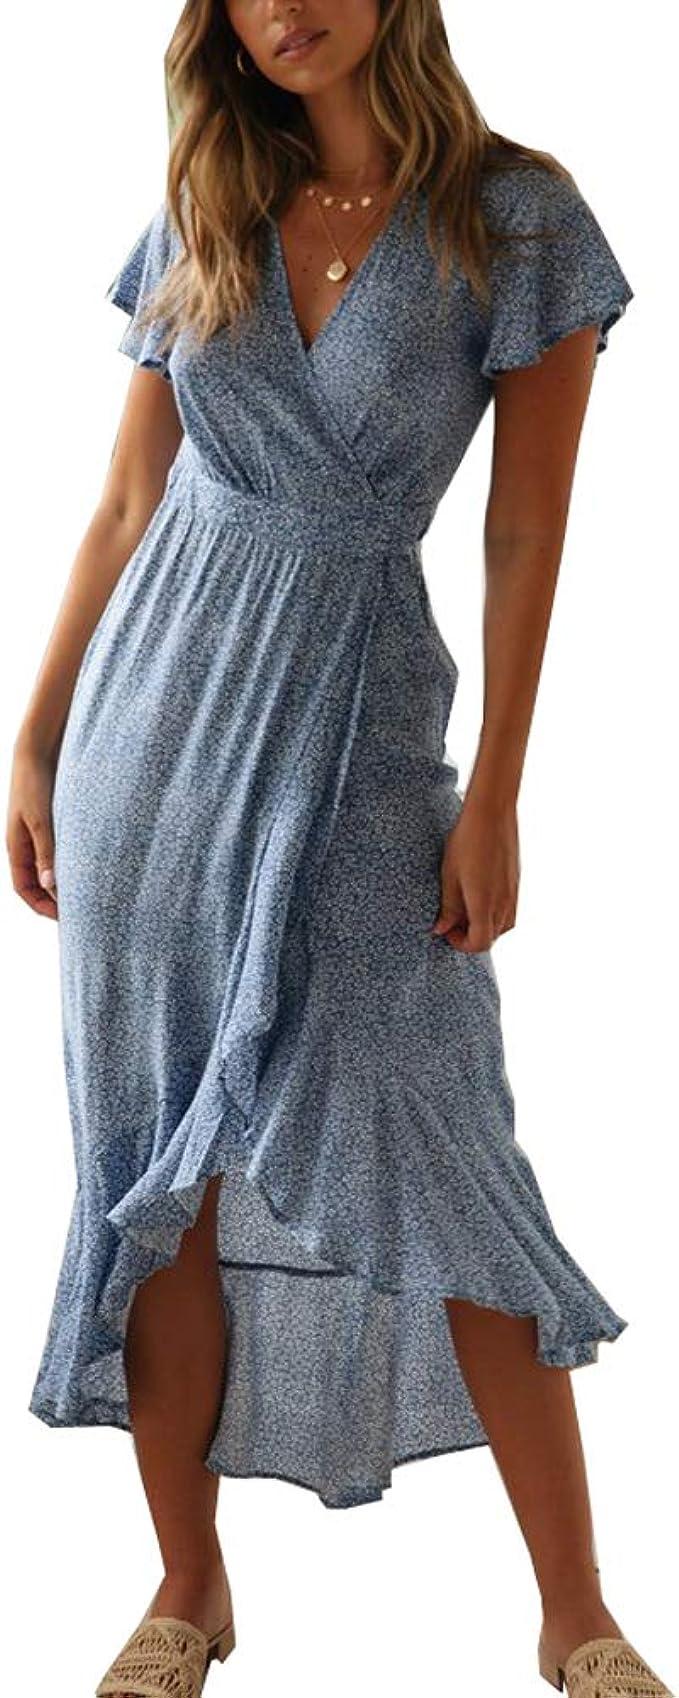 ACLOIN Damen Elegant Wickelkleid Blumen Kleid v-Ausschnit Rüschen Kleider  Boho Strandkleid Baumwolle Sommerkleid